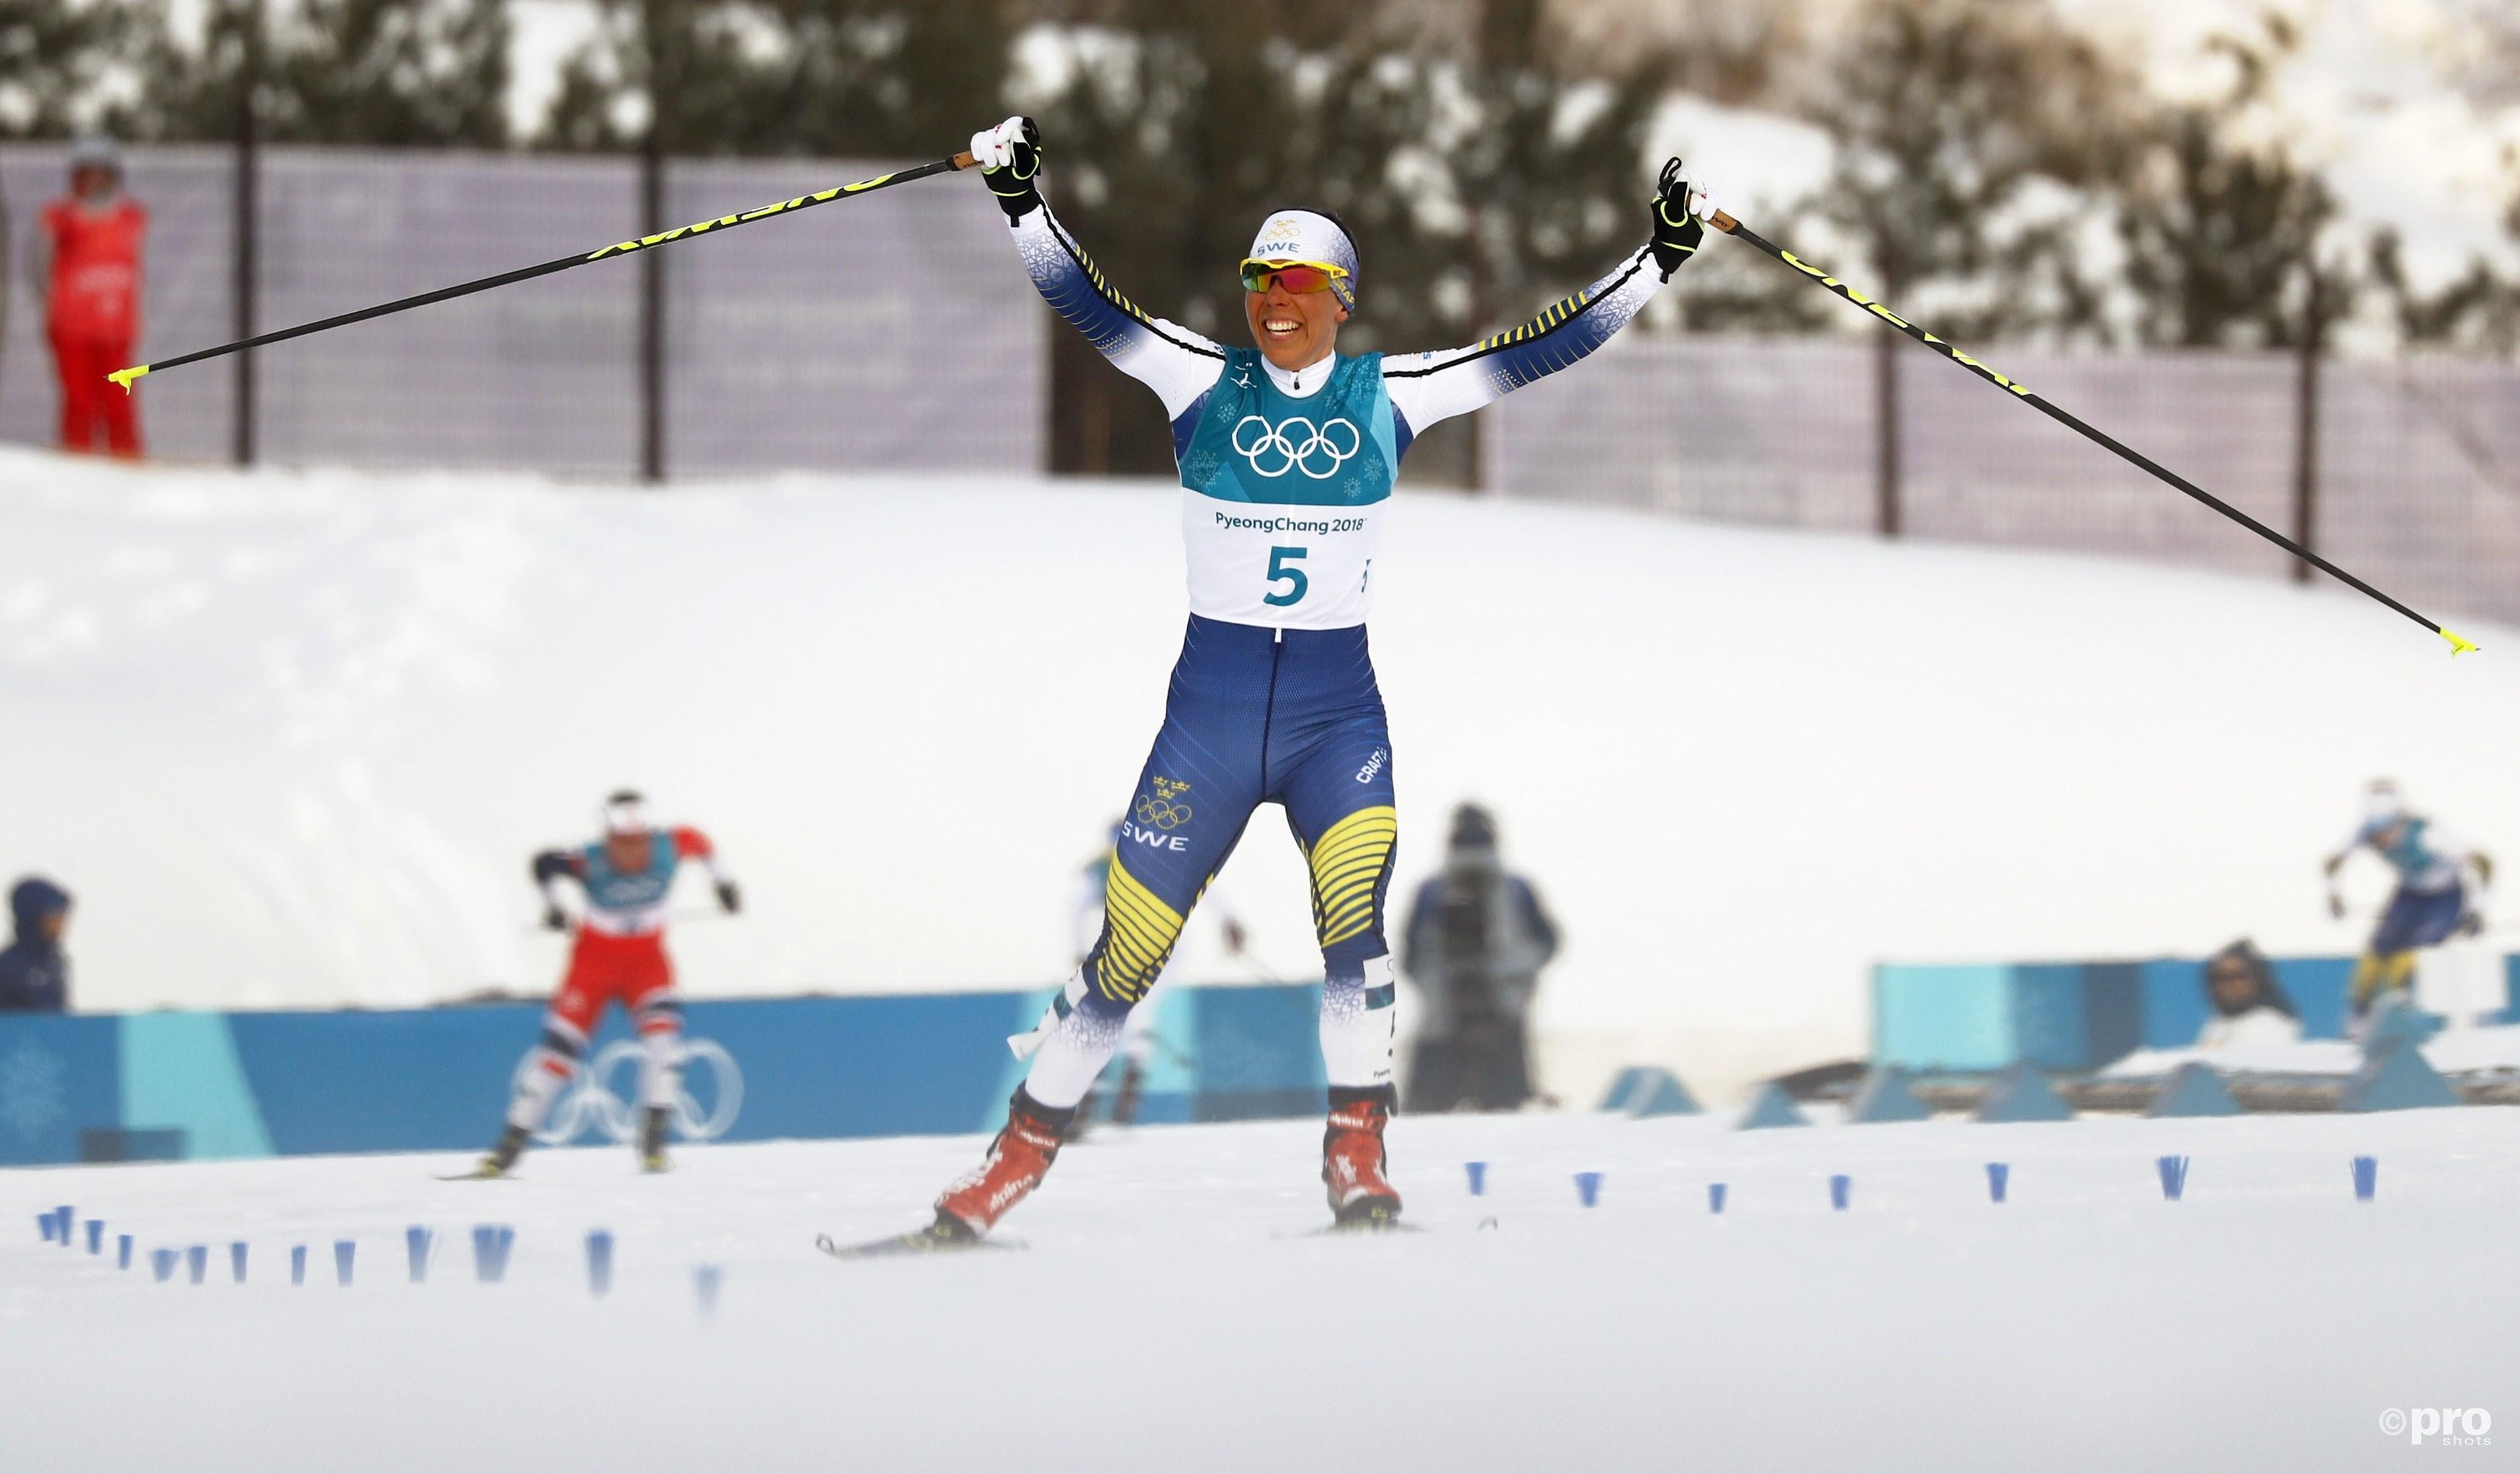 Kalla komt solo over de streep en pakt het olympisch goud (Pro Shots/Action Images)